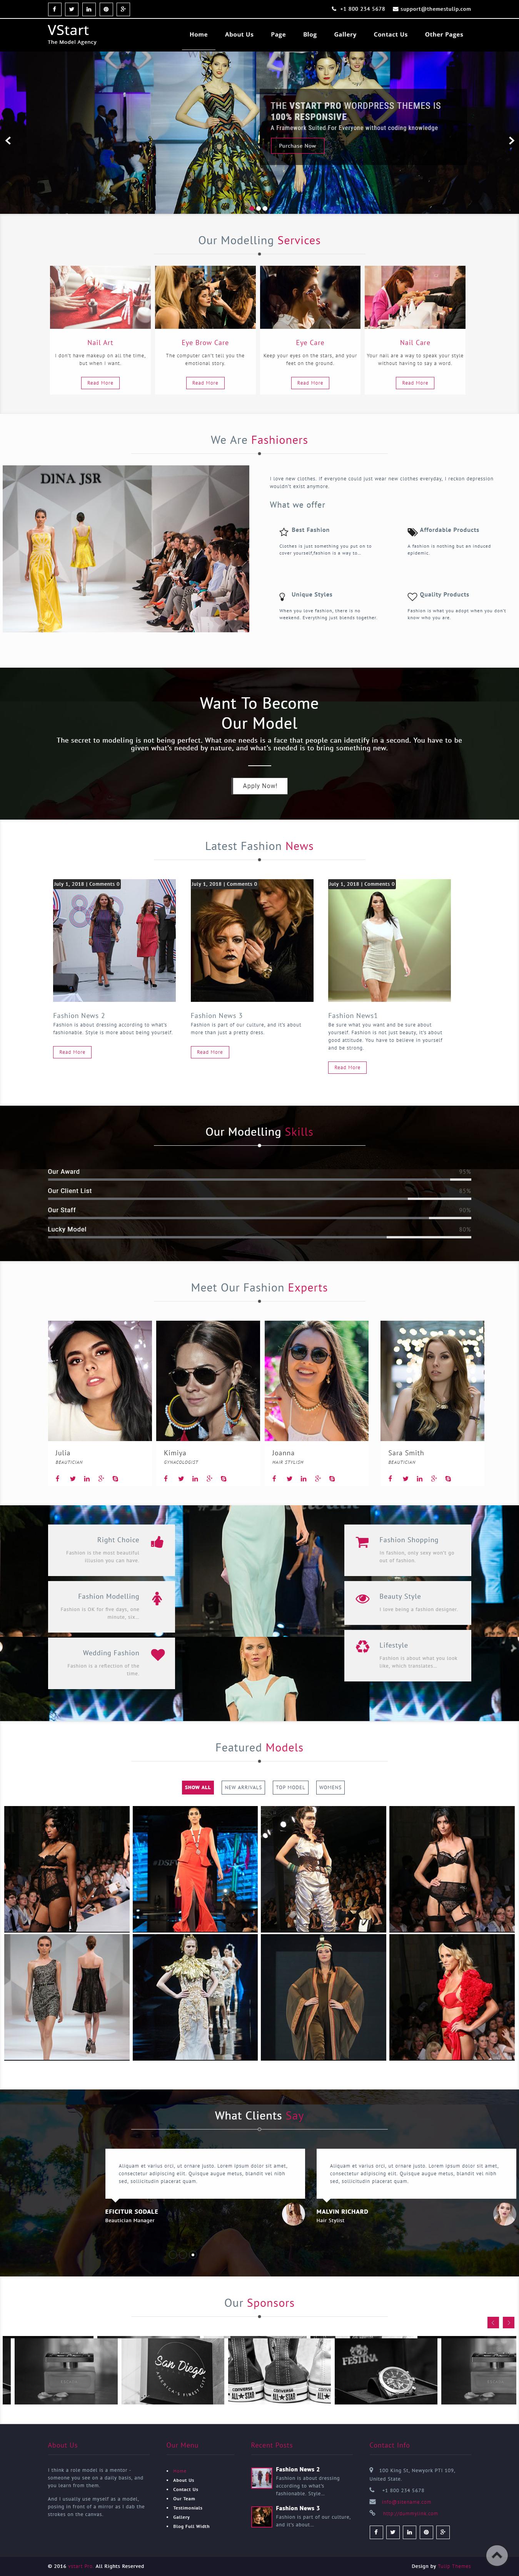 VStart - El mejor tema de WordPress de estilo de vida gratuito